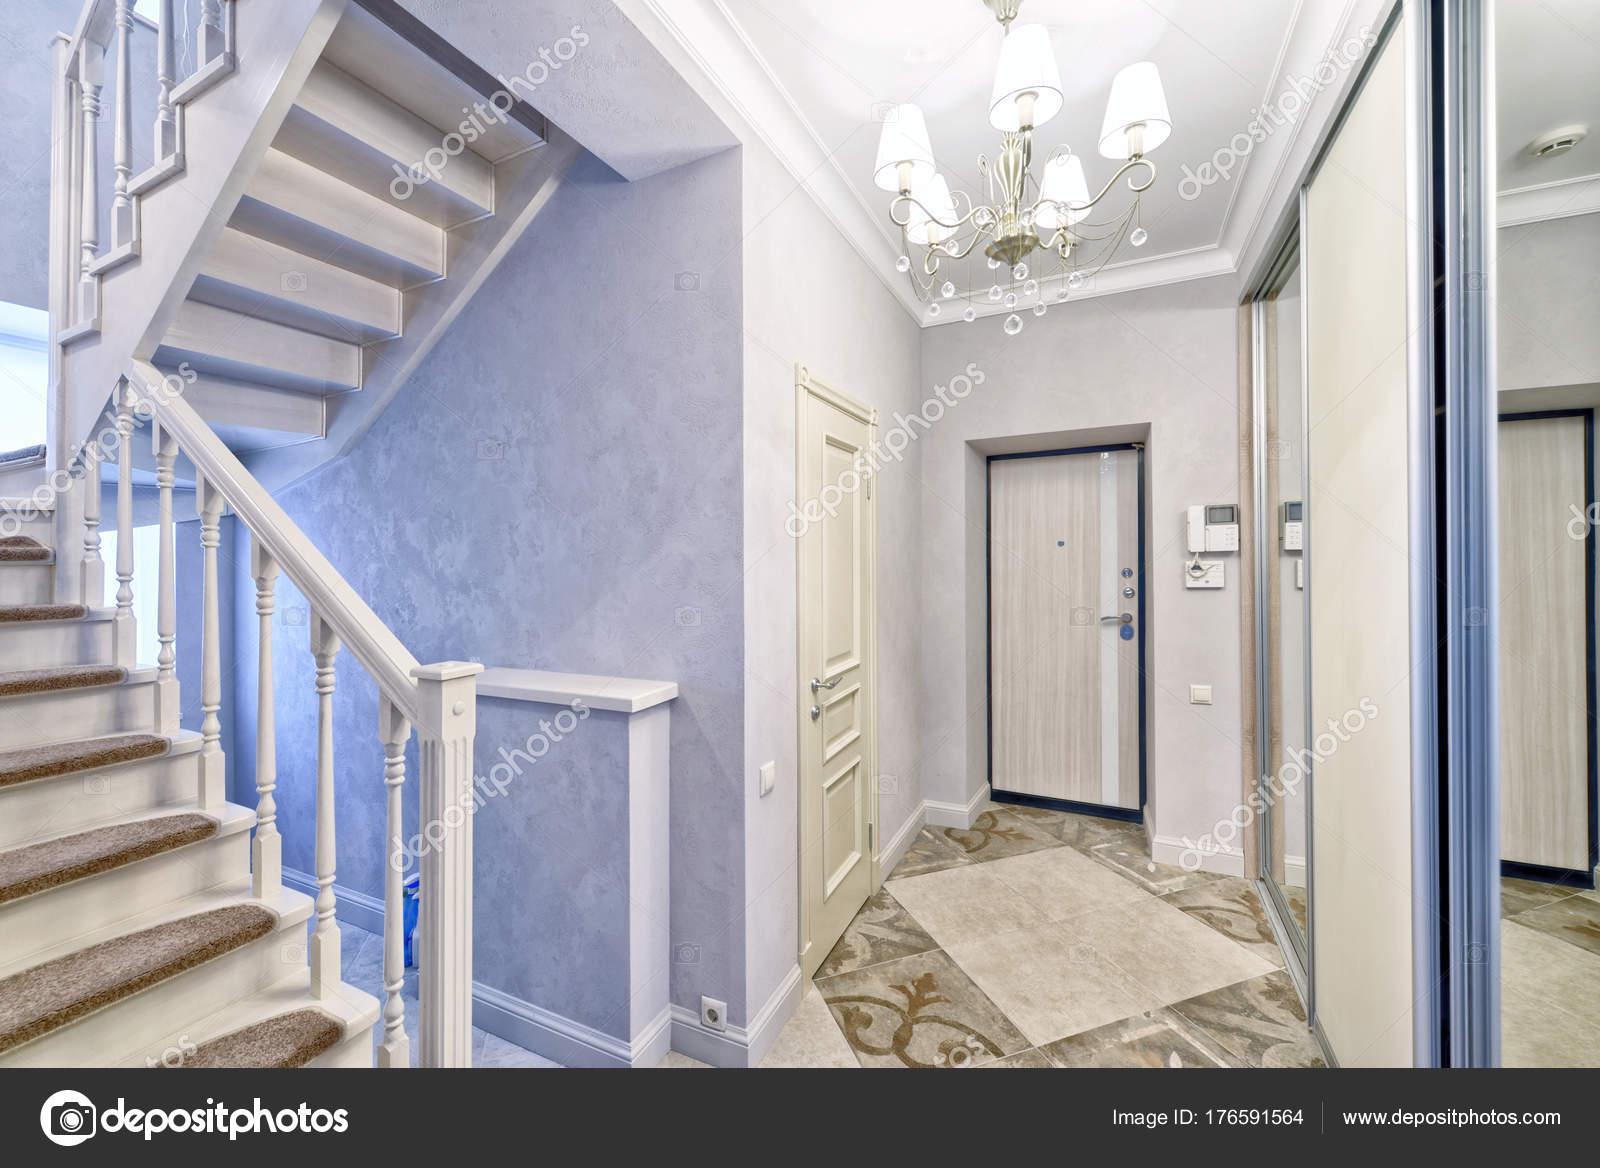 Diseno Escaleras Interior Casa Foto De Stock C Ovchinnikovfoto - Diseo-escaleras-interiores